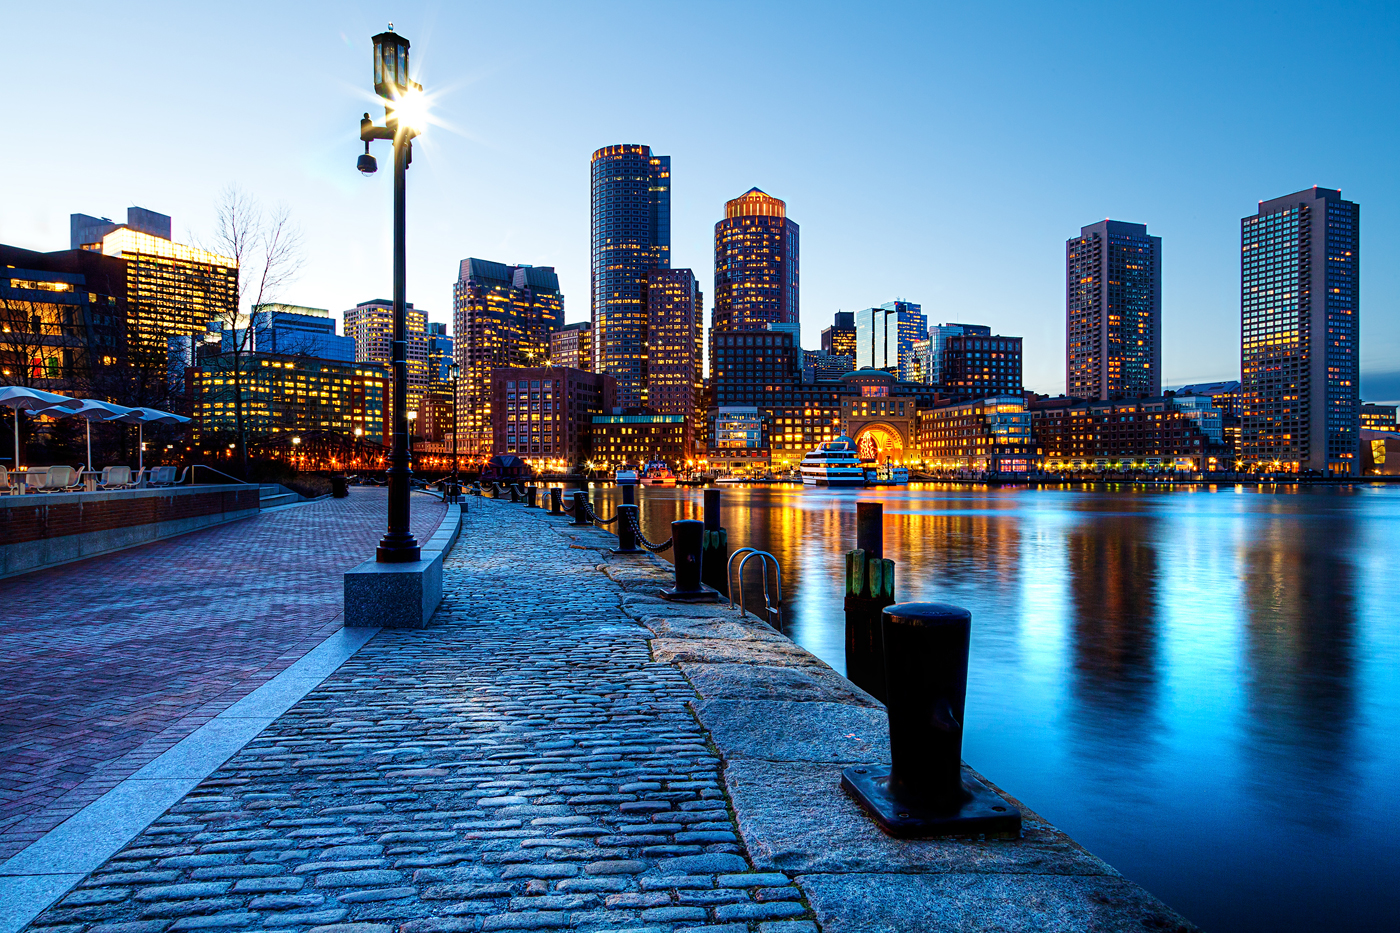 boston wallpaper 8592 1400x933 px